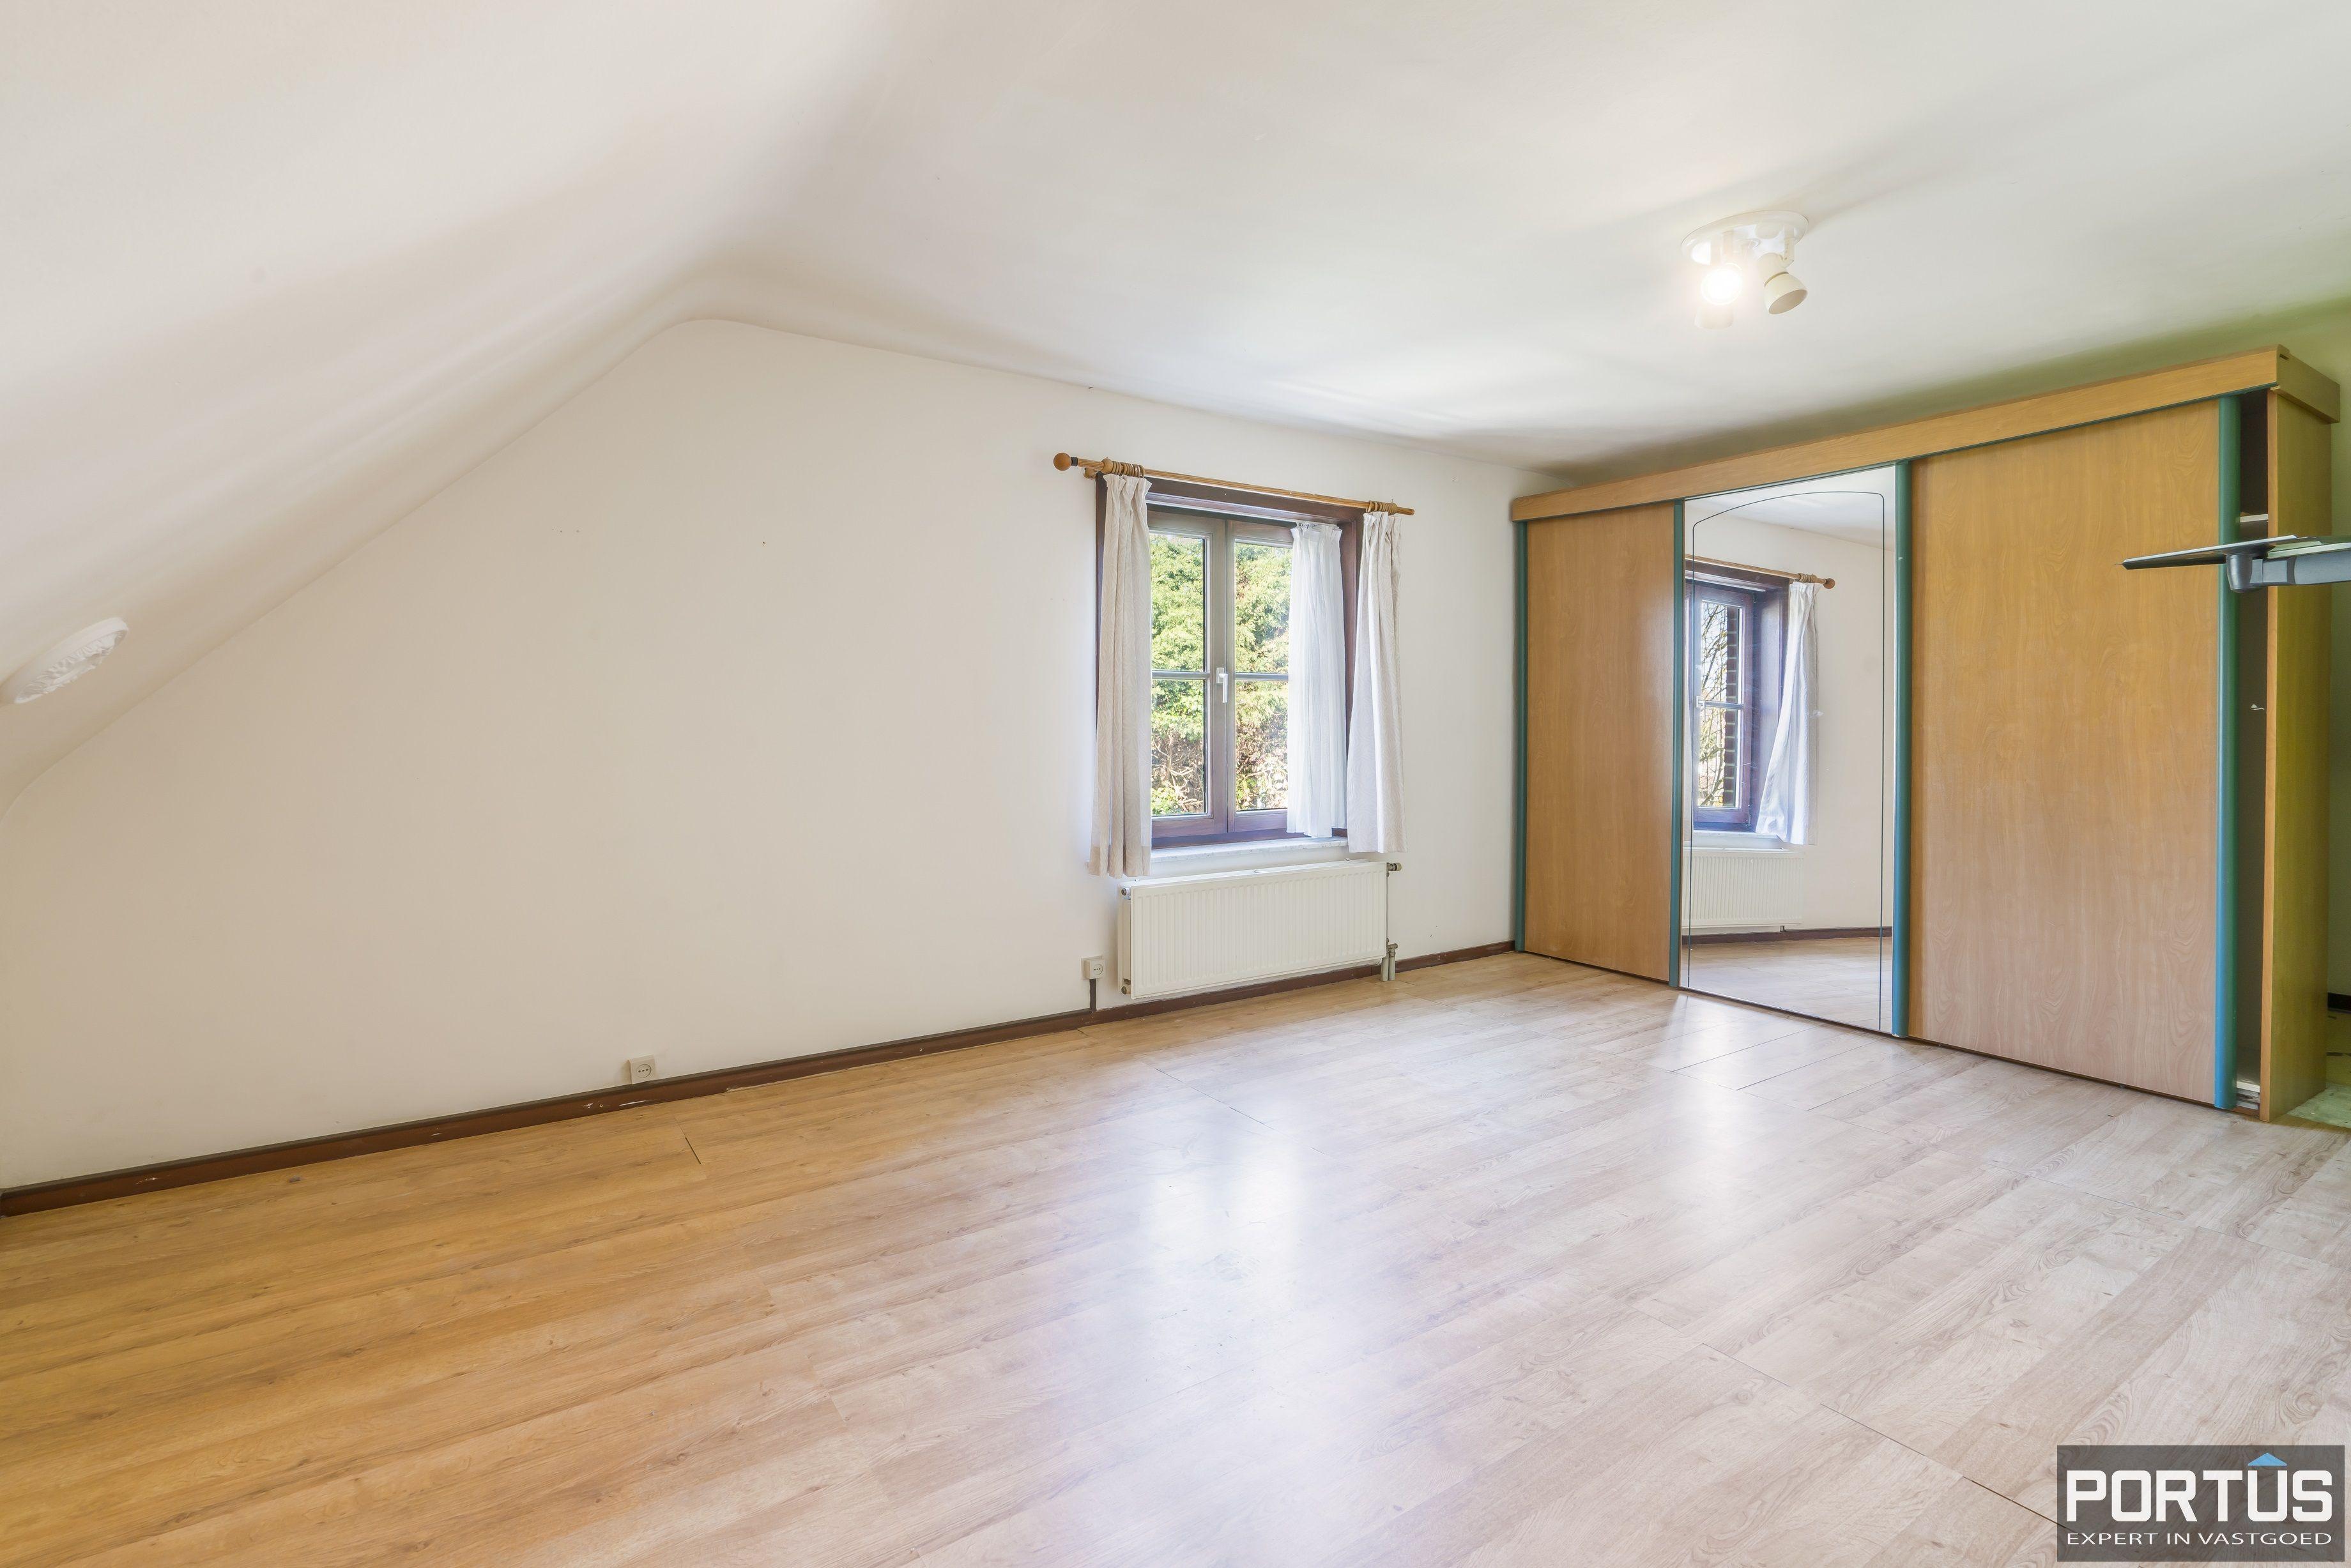 Villa te koop met 3 slaapkamers te Nieuwpoort - 14021